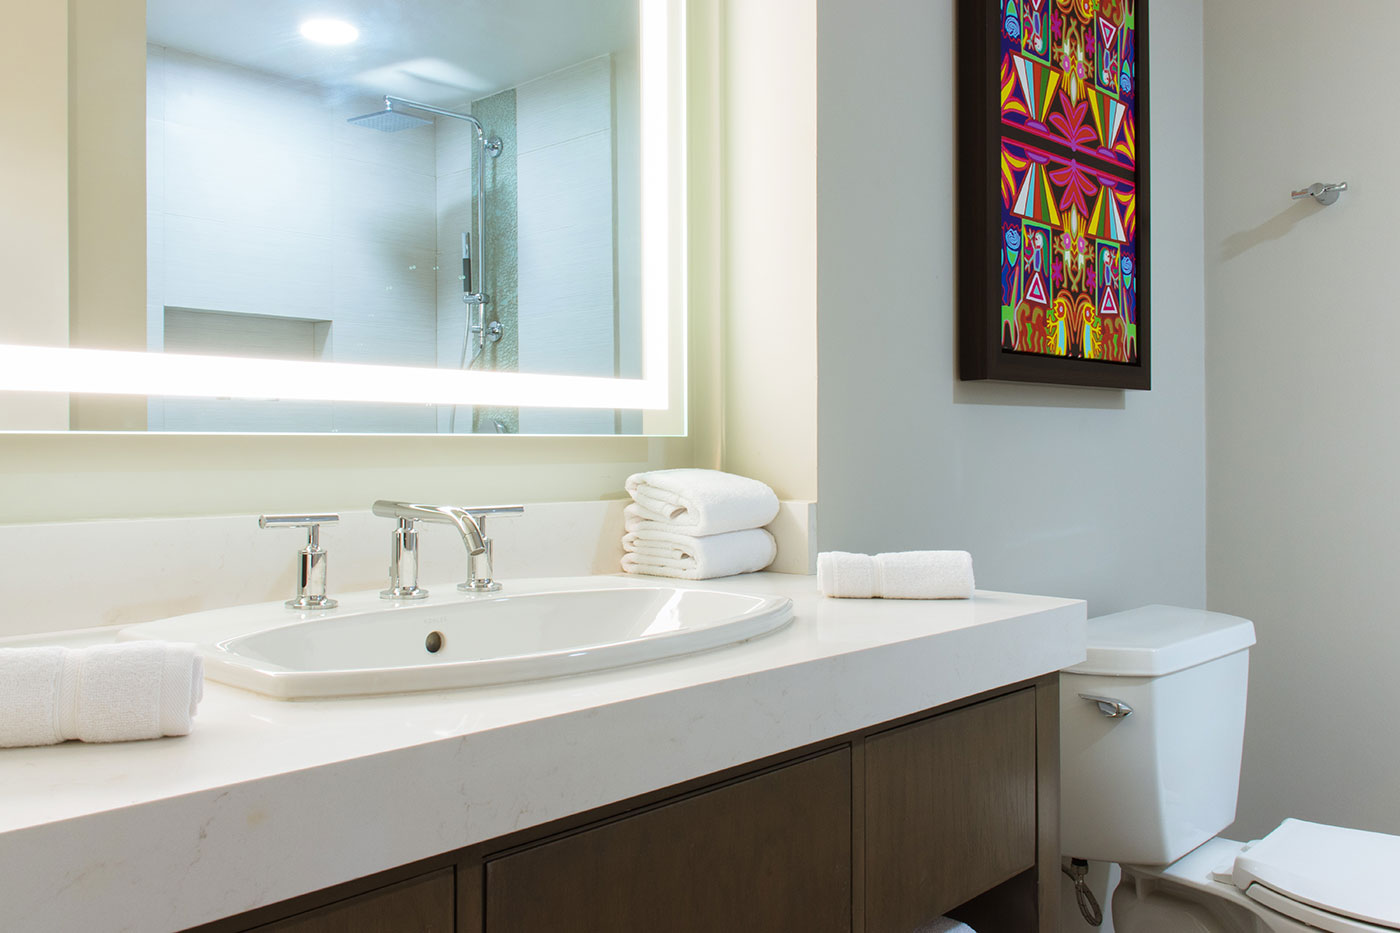 Proyectos SPAD Constructora, Remodelación de habitaciones Westin, Baño lavamanos decoración, Diseño de Interiores, Arquitectura, Puerto Vallarta, Jalisco, México